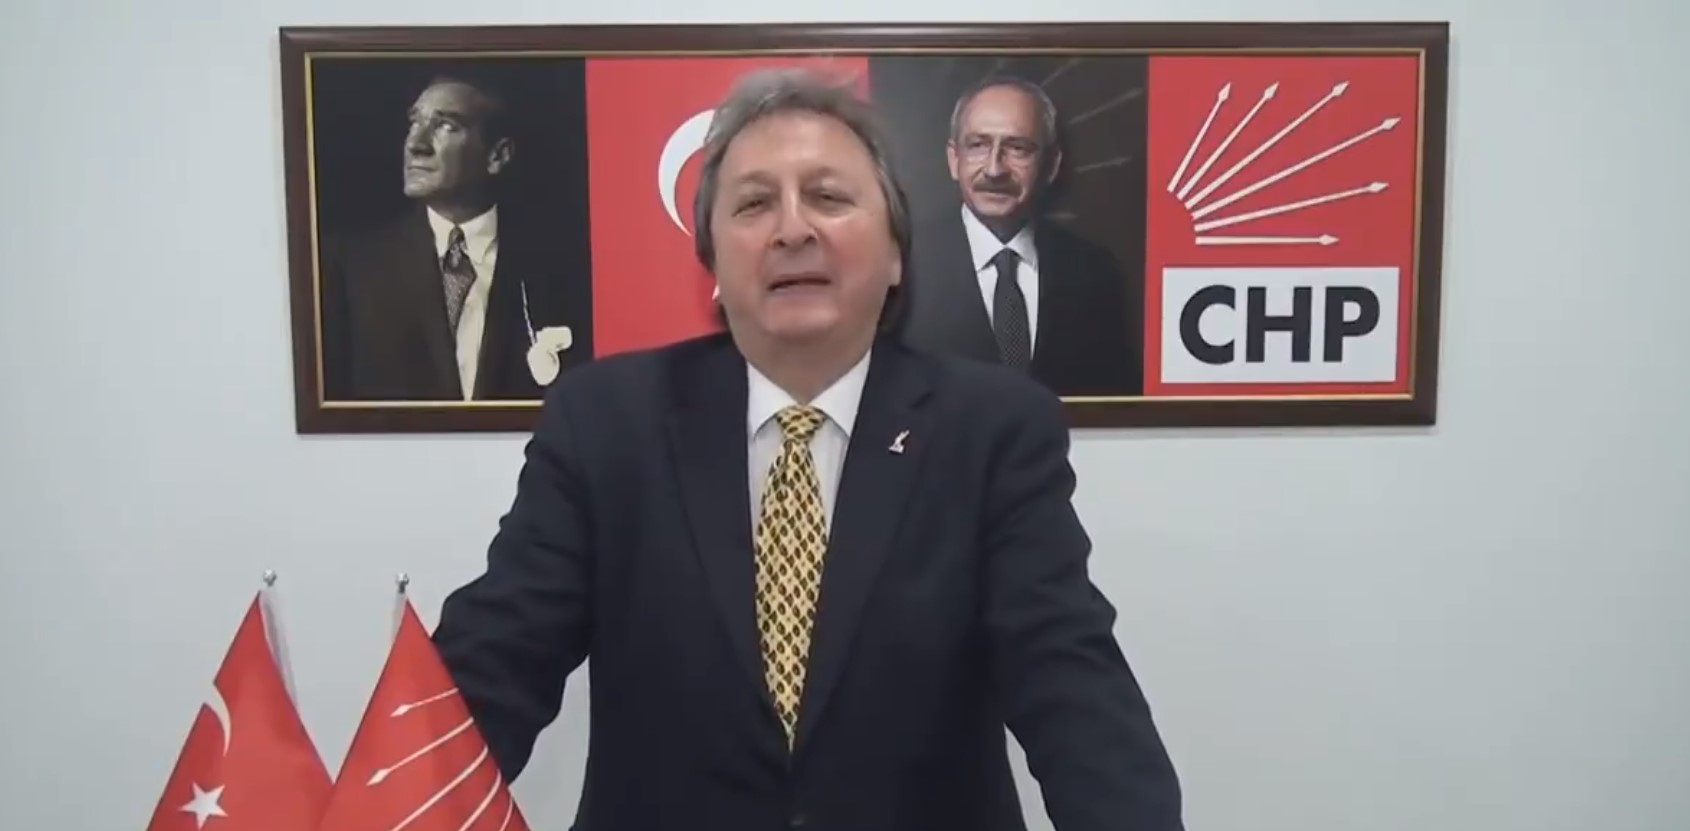 Kurultayda Kılıçdaroğlu'nun iki rakibi var #2